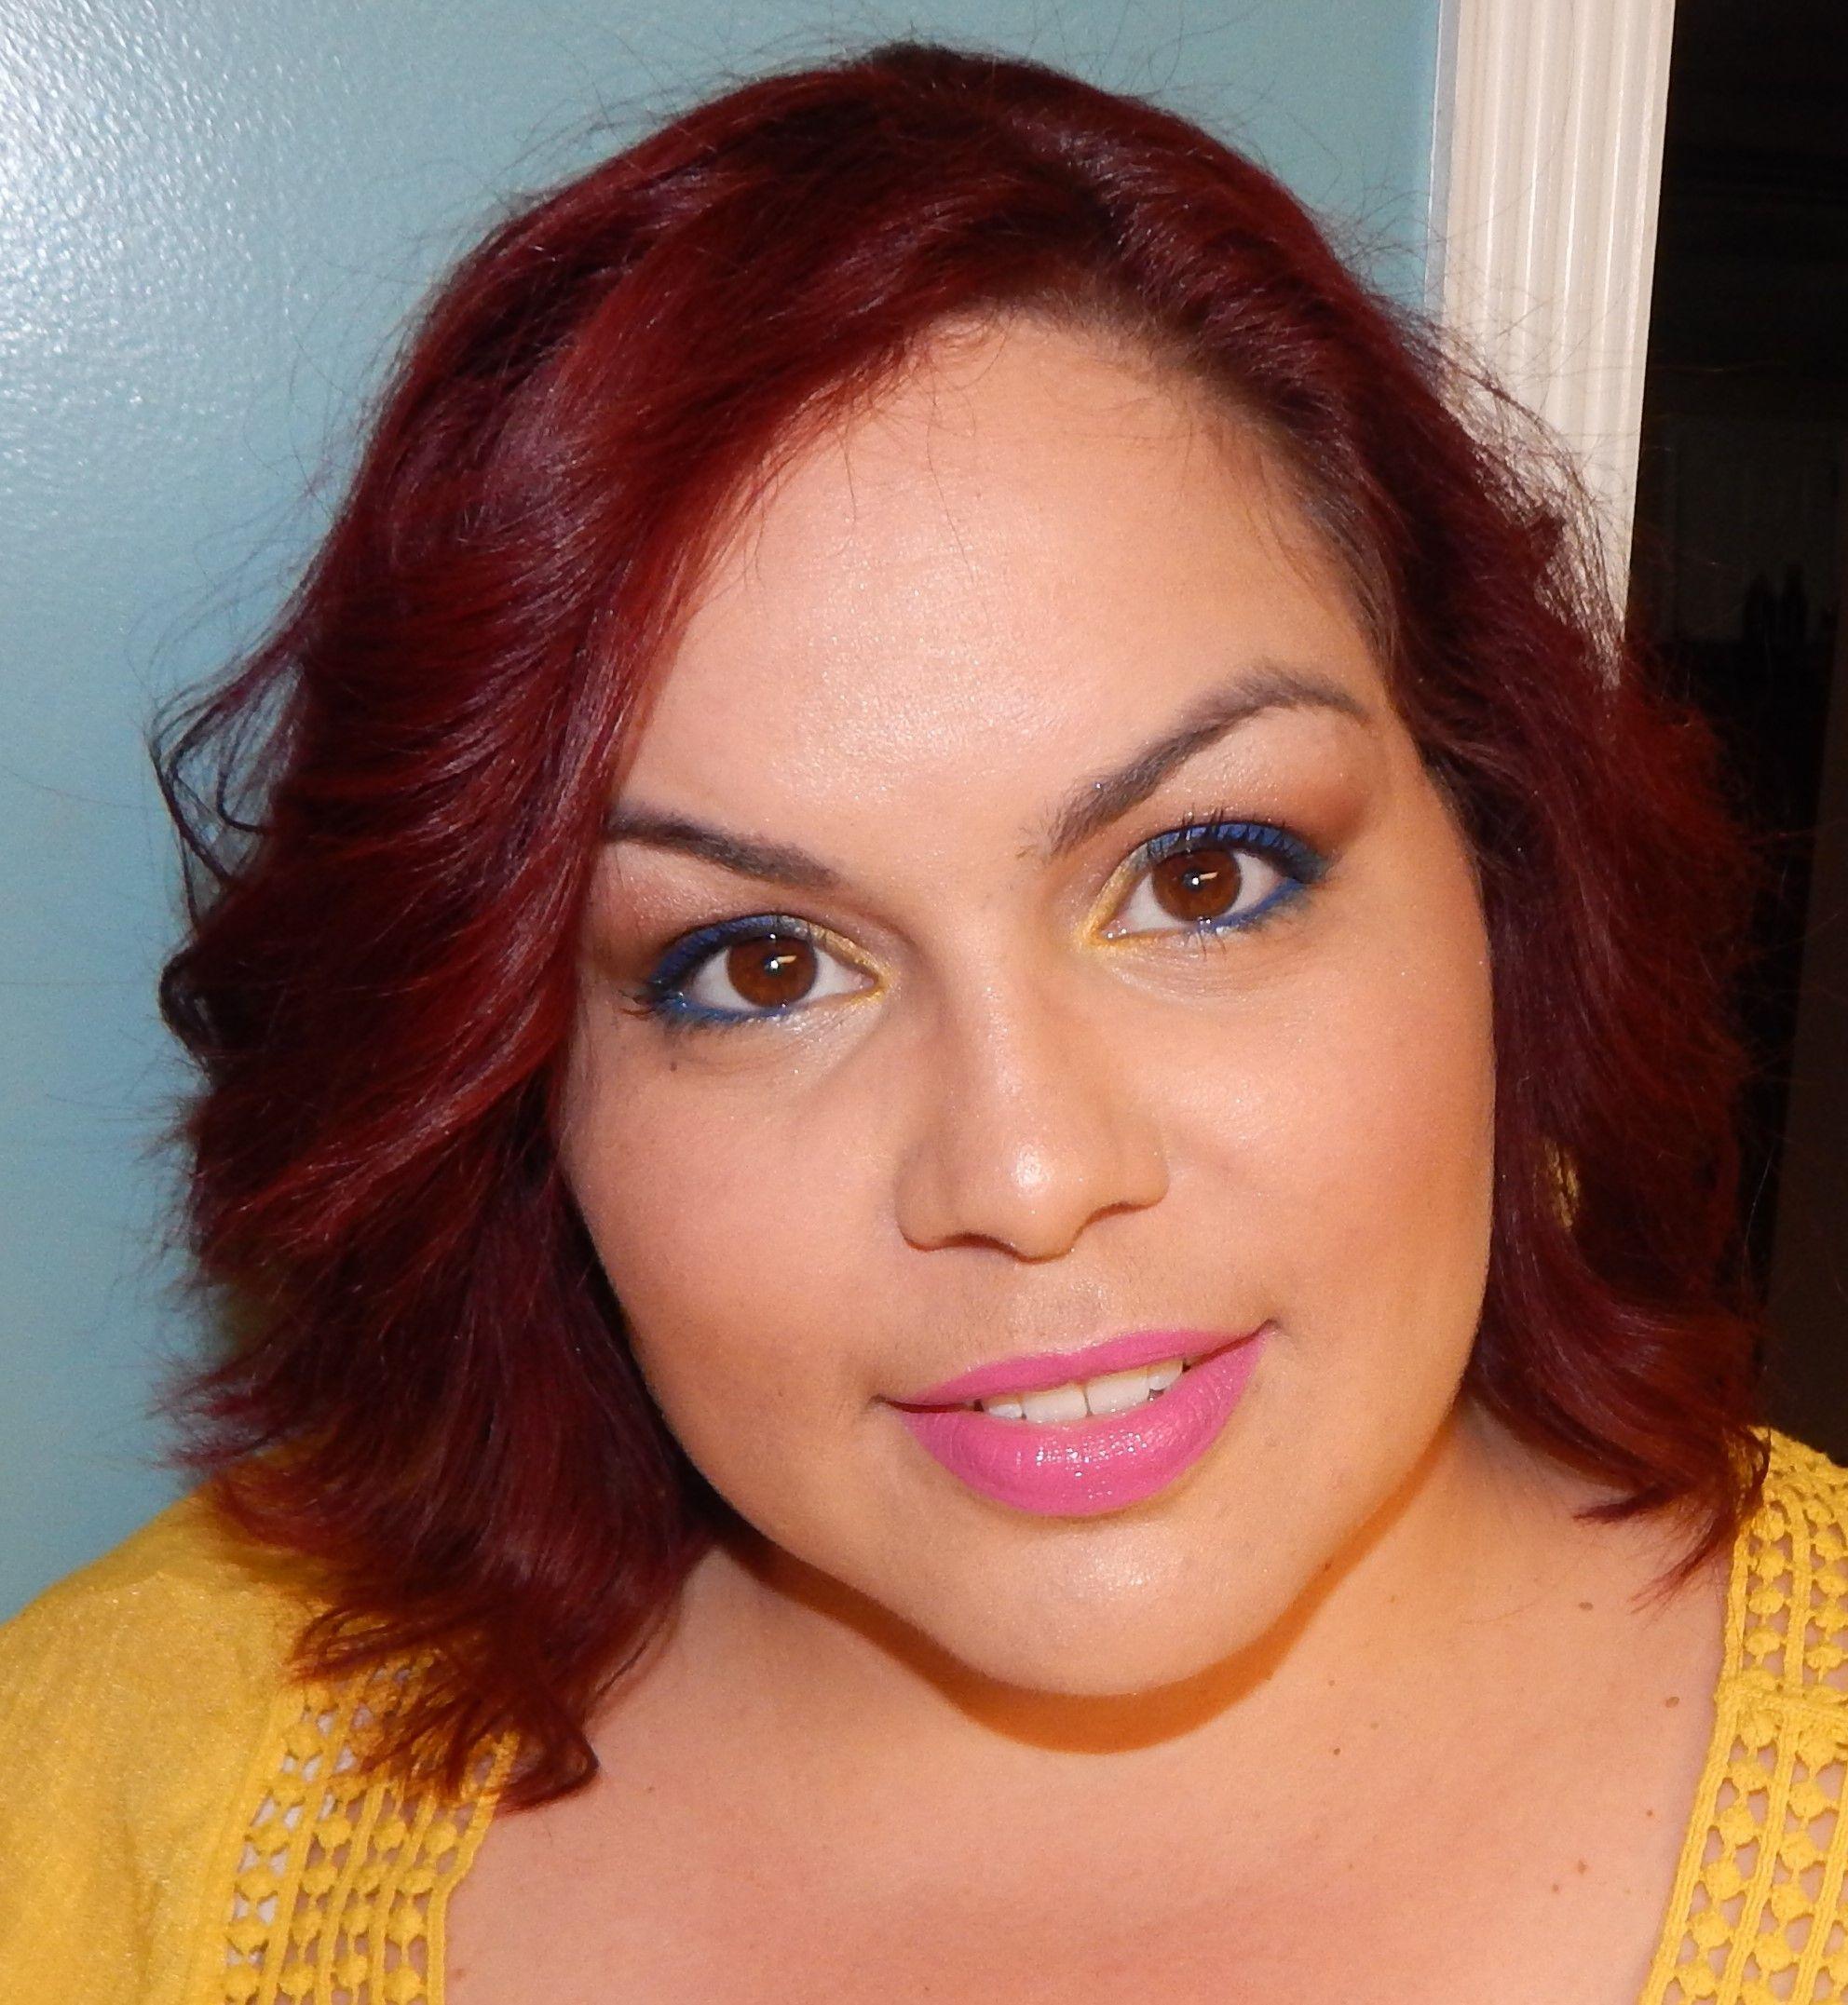 Farrah's makeup